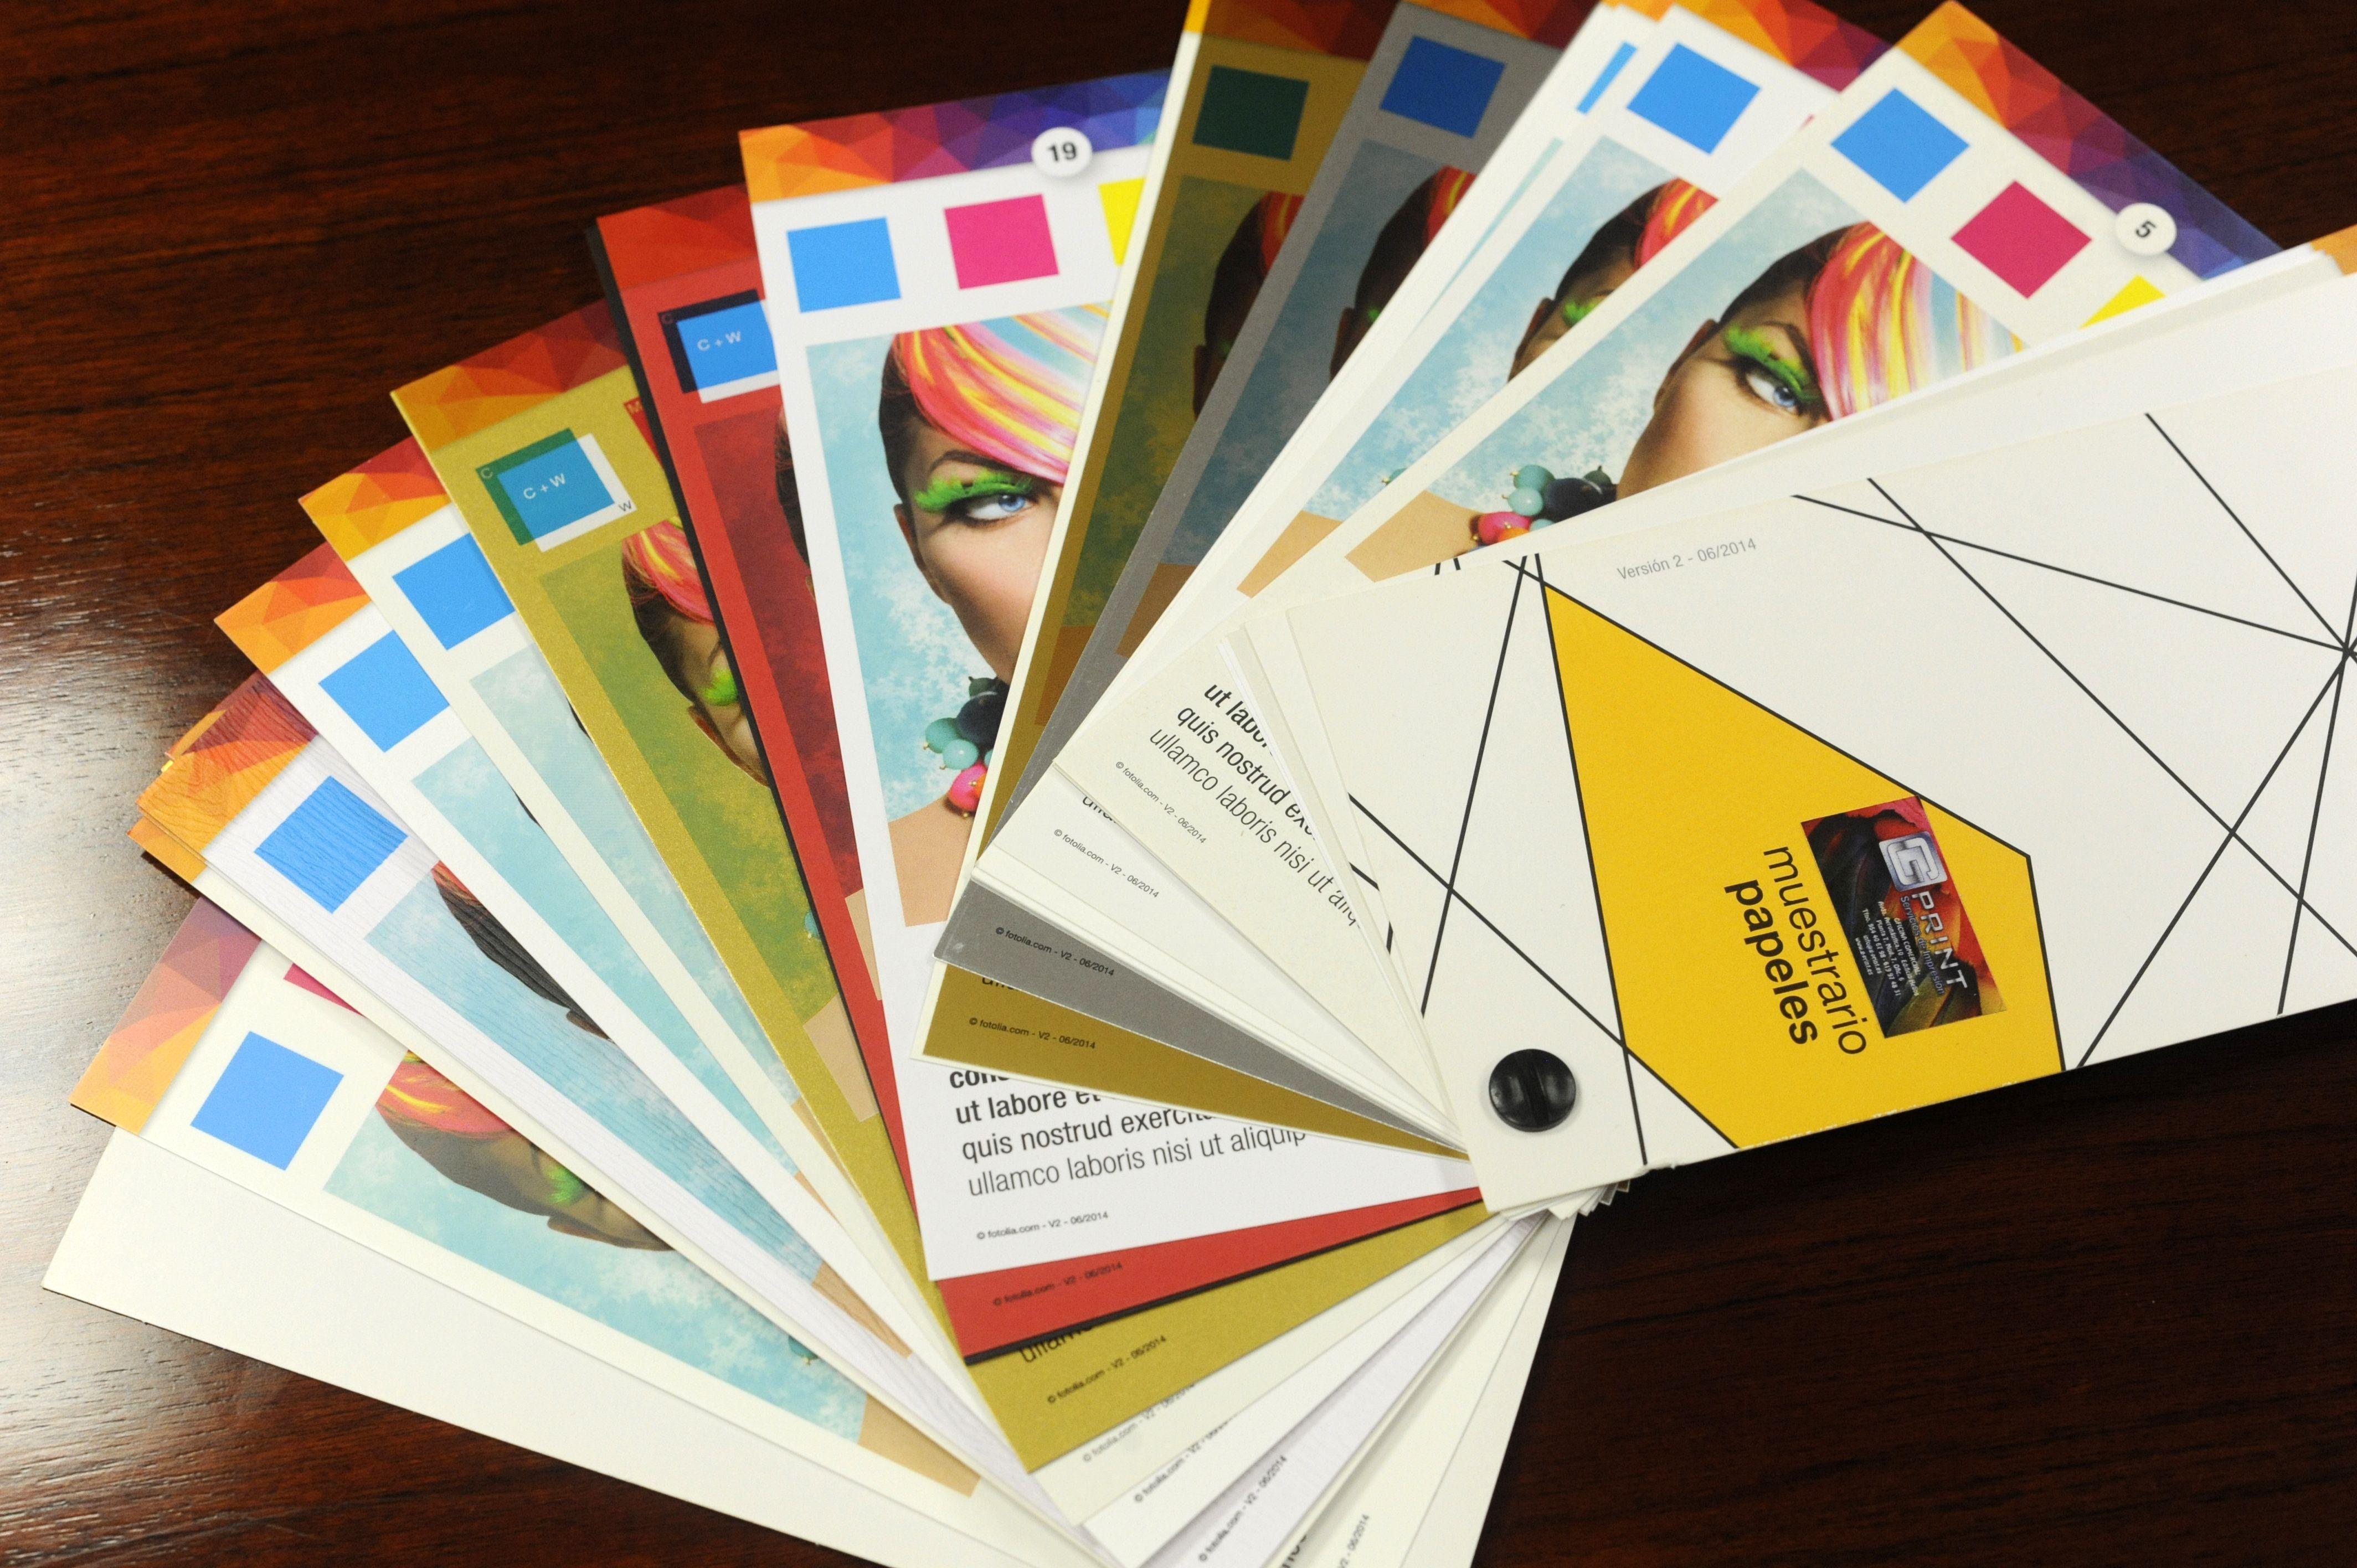 Publicidad a todo color utilizando el sistema digital